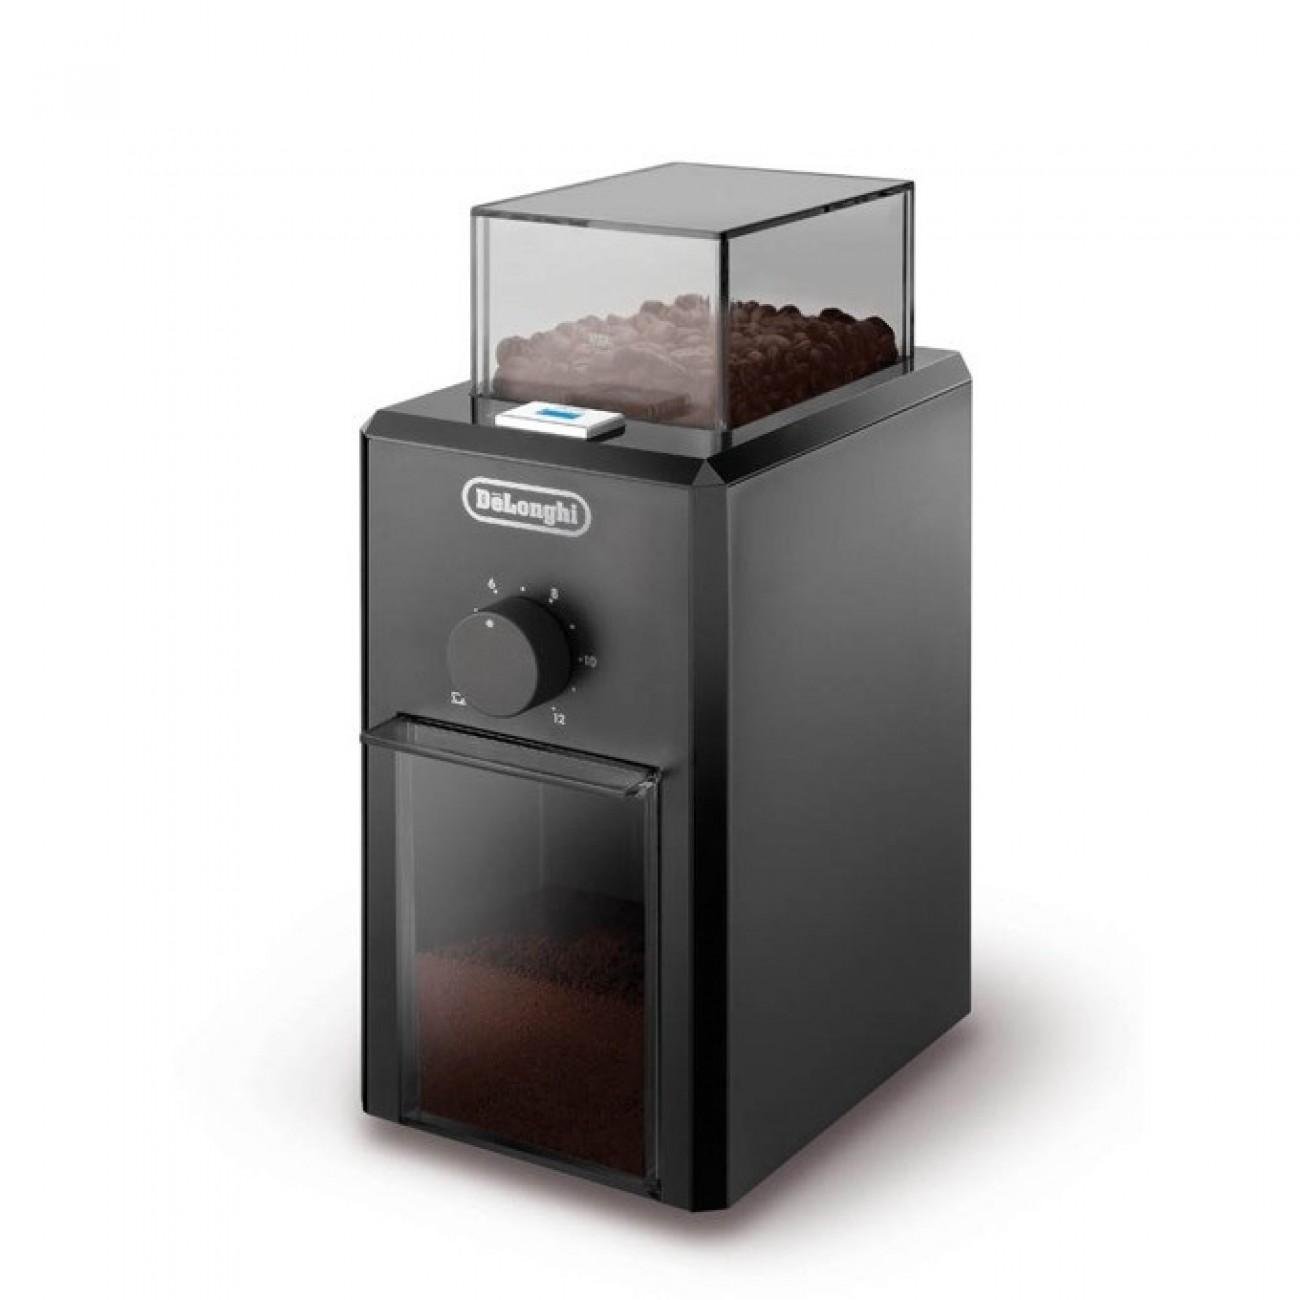 Кафемелачка Delonghi KG 79, 110W, 120 гр. oбем на контейнера, черна в Блендери -  | Alleop